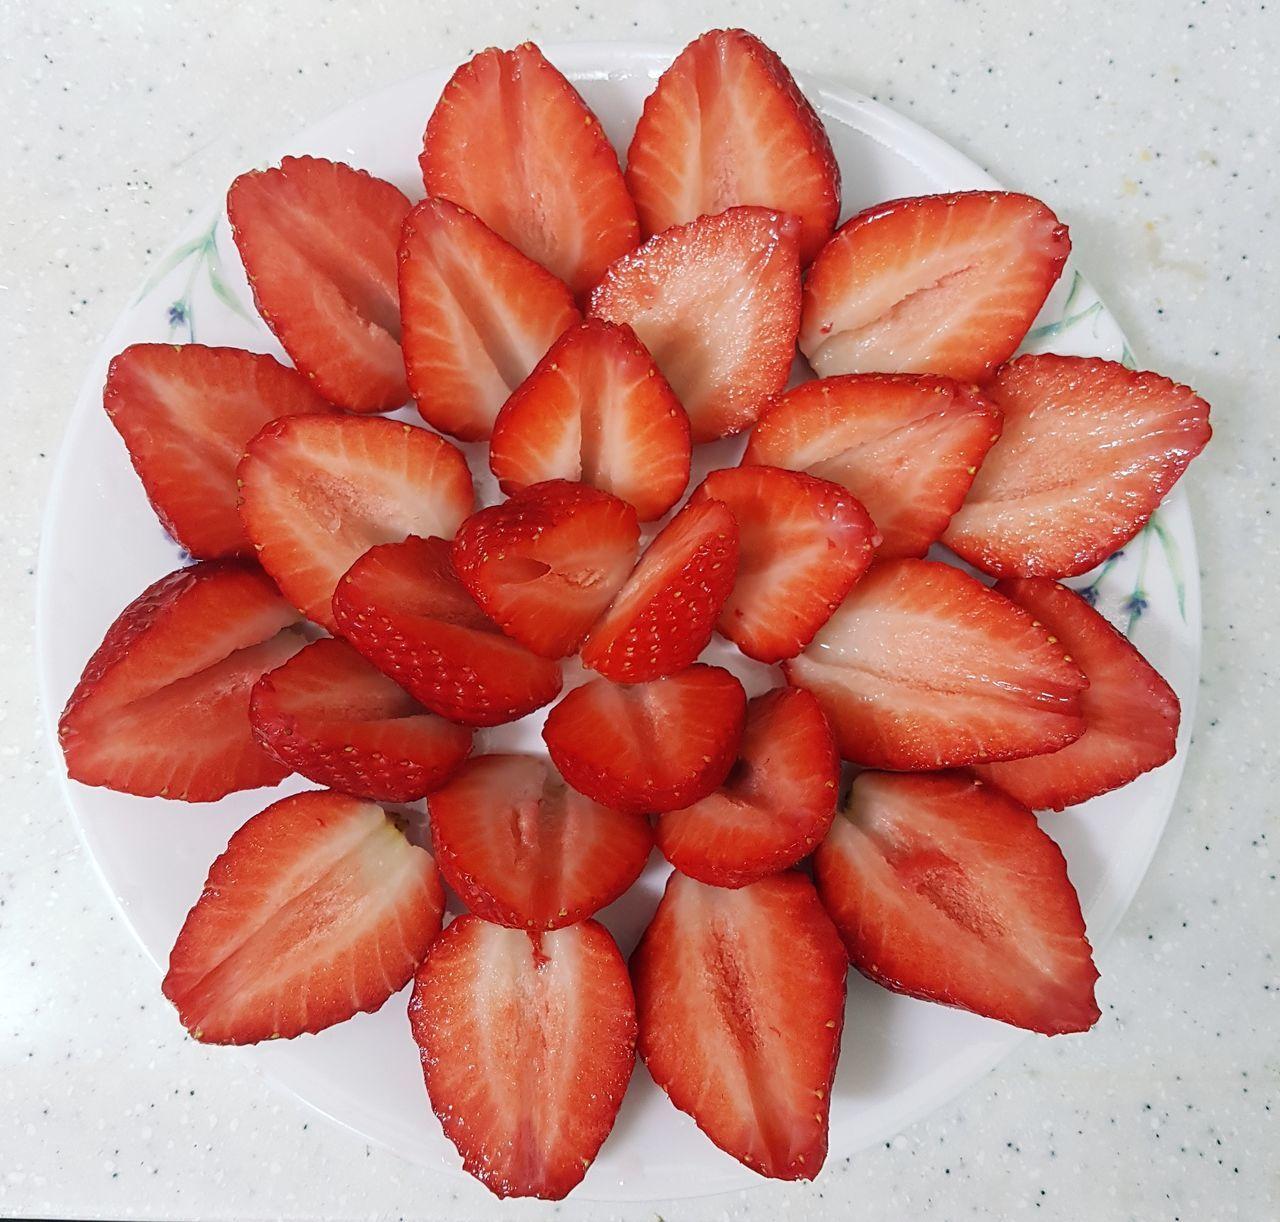 딸기꽃♡ 딸기 Food Sweet Food 스트로베리 베리베리_스트로베리 Strawberry 맛있어♥ 새콤달콤 달달한 과일 꽃 Flower 냠냠 먹방